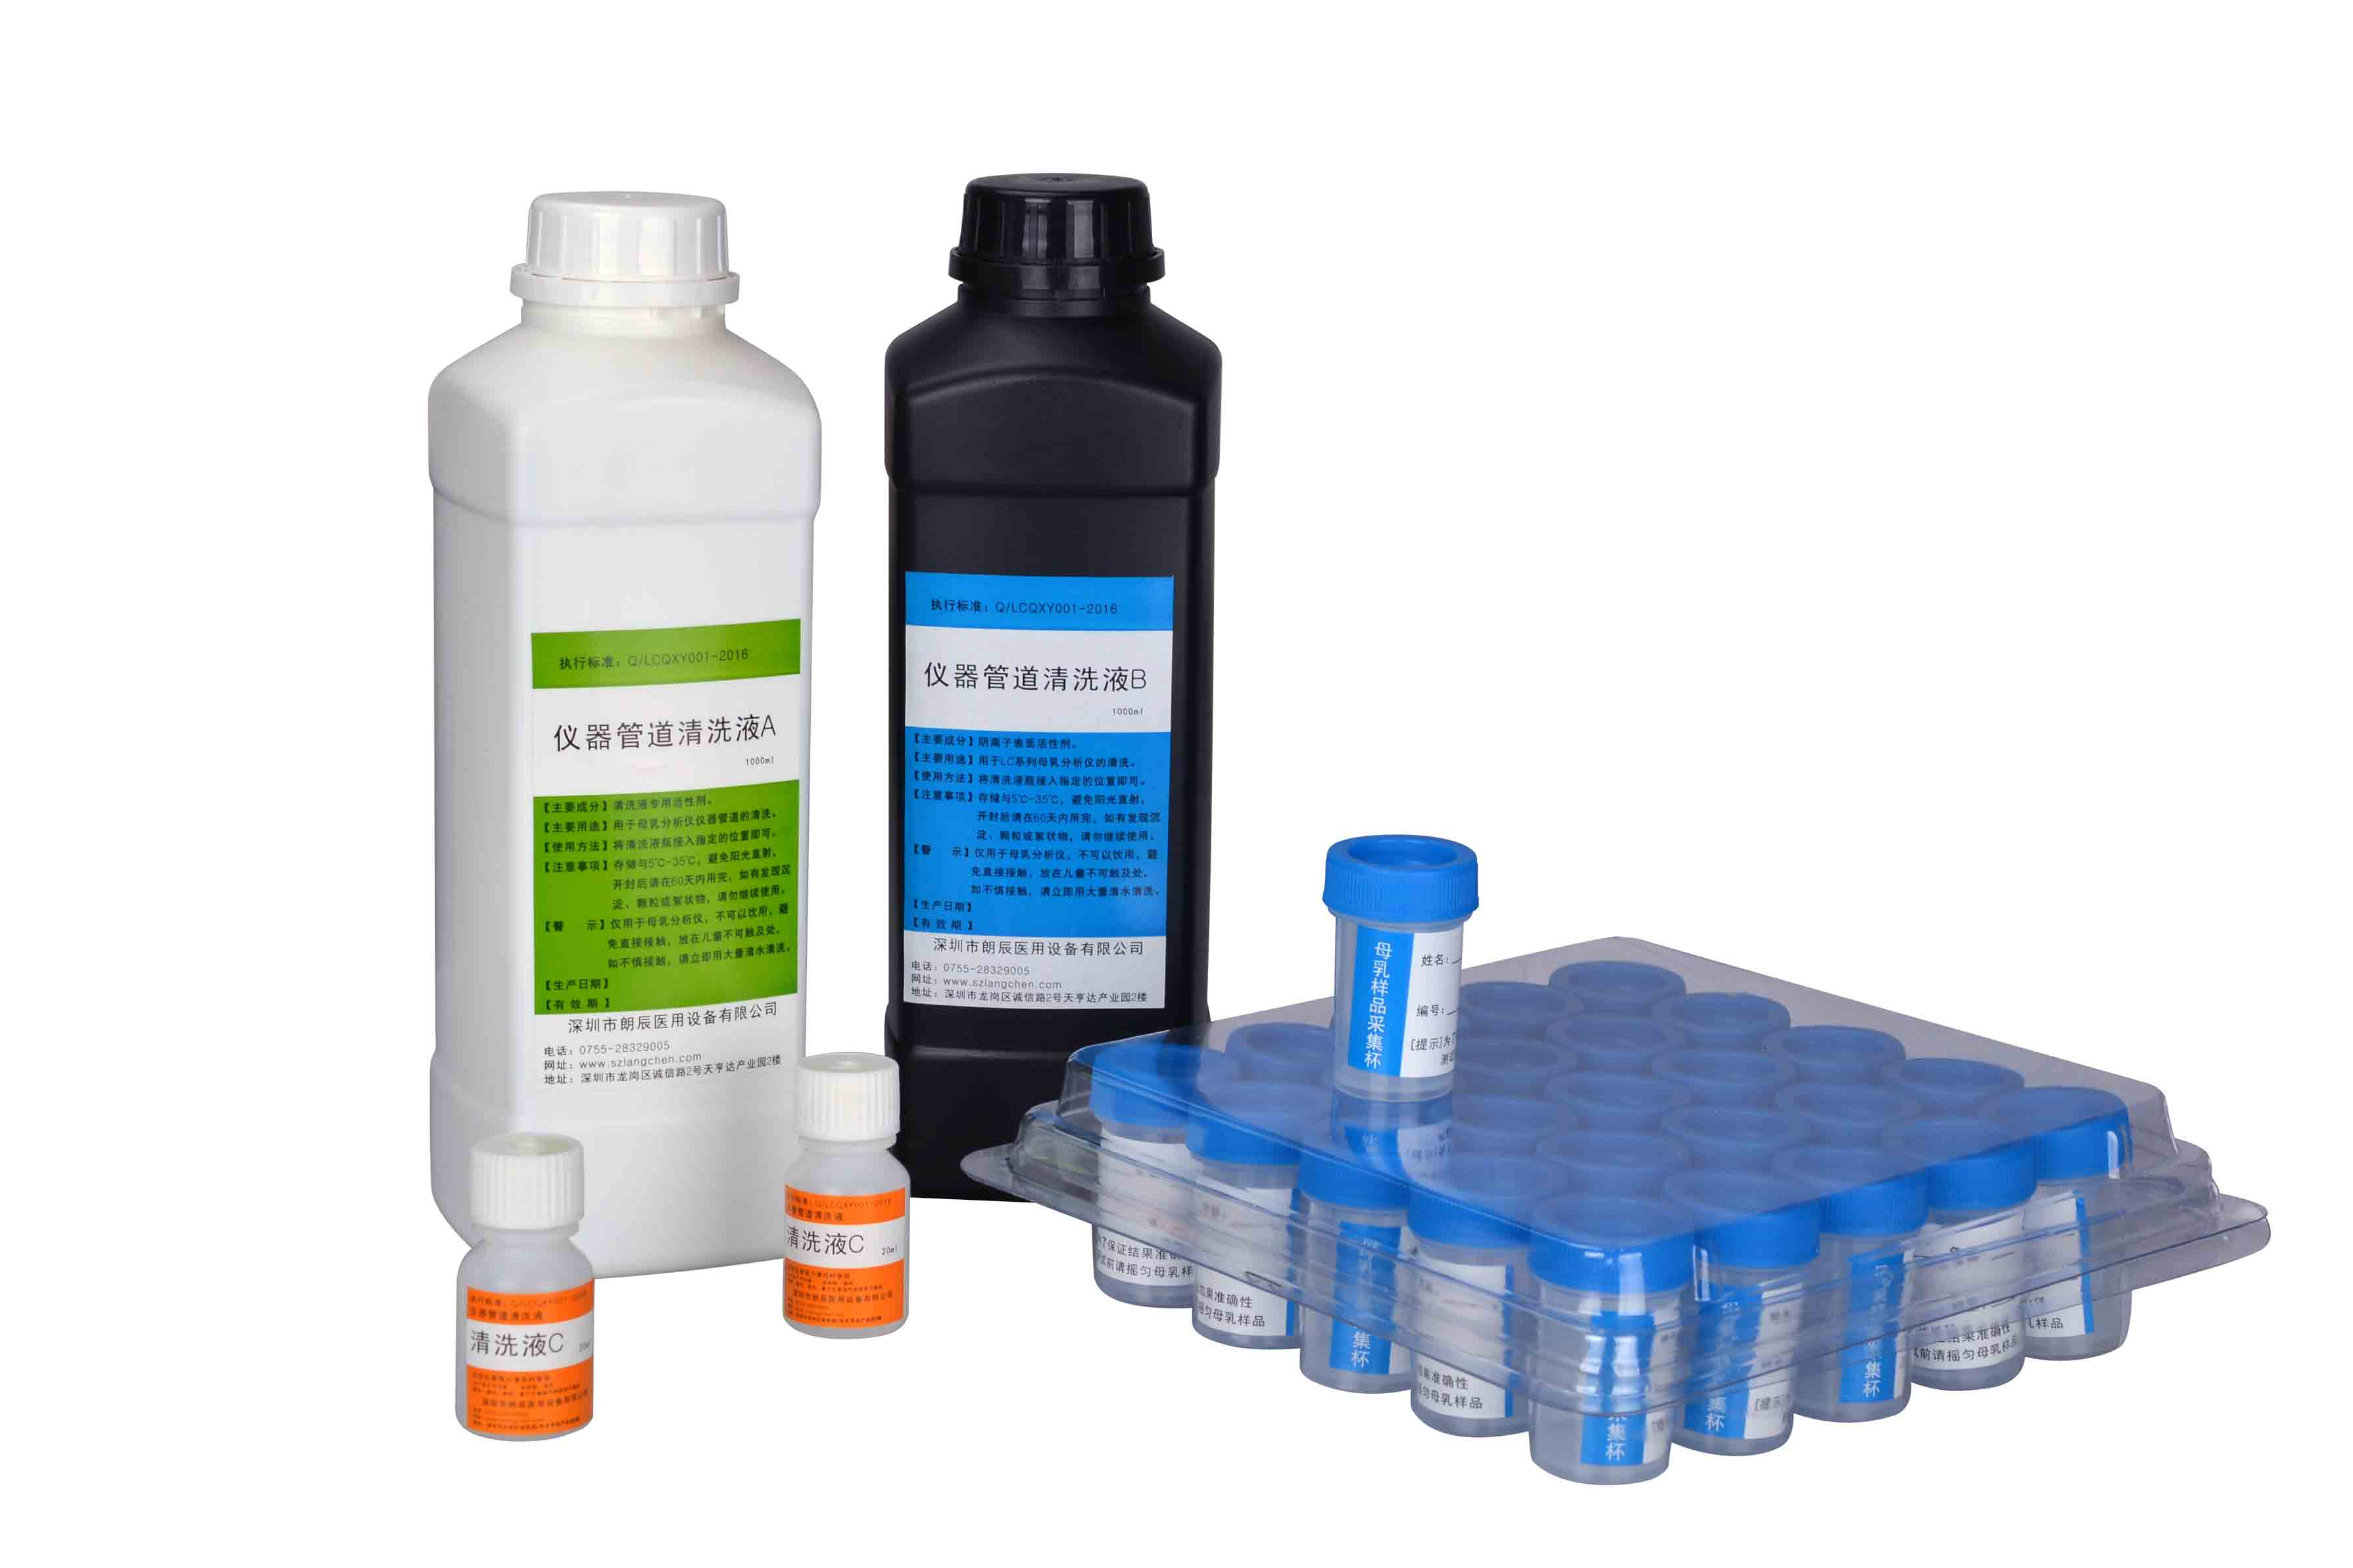 母乳分析仪厂家-广东可信赖的母乳分析仪供应商是哪家